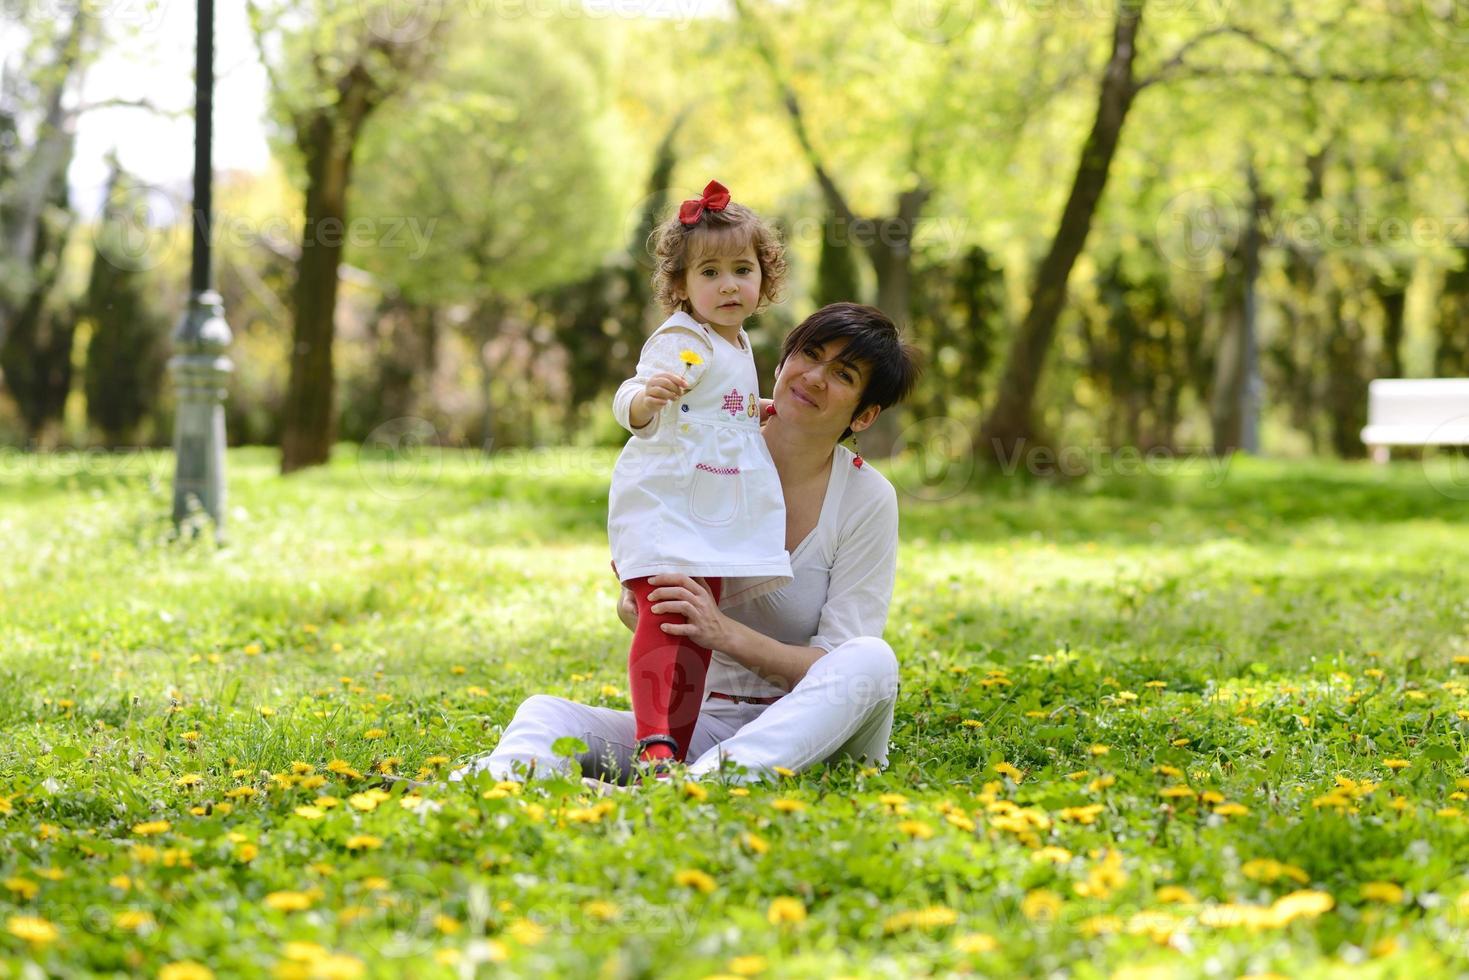 mãe e filha brincando no parque foto